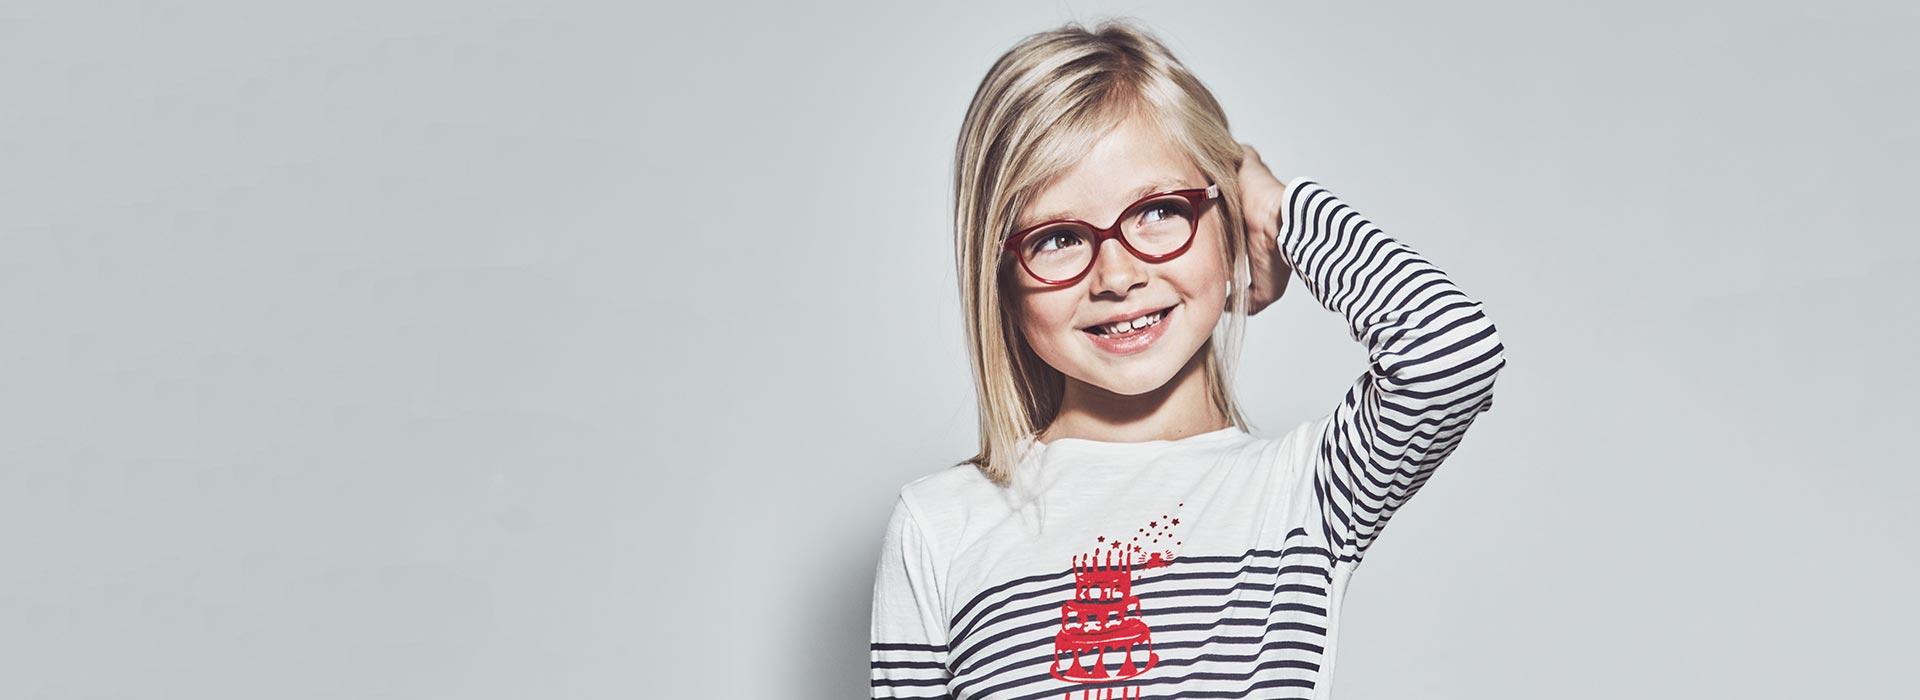 lunettes rouges fillette